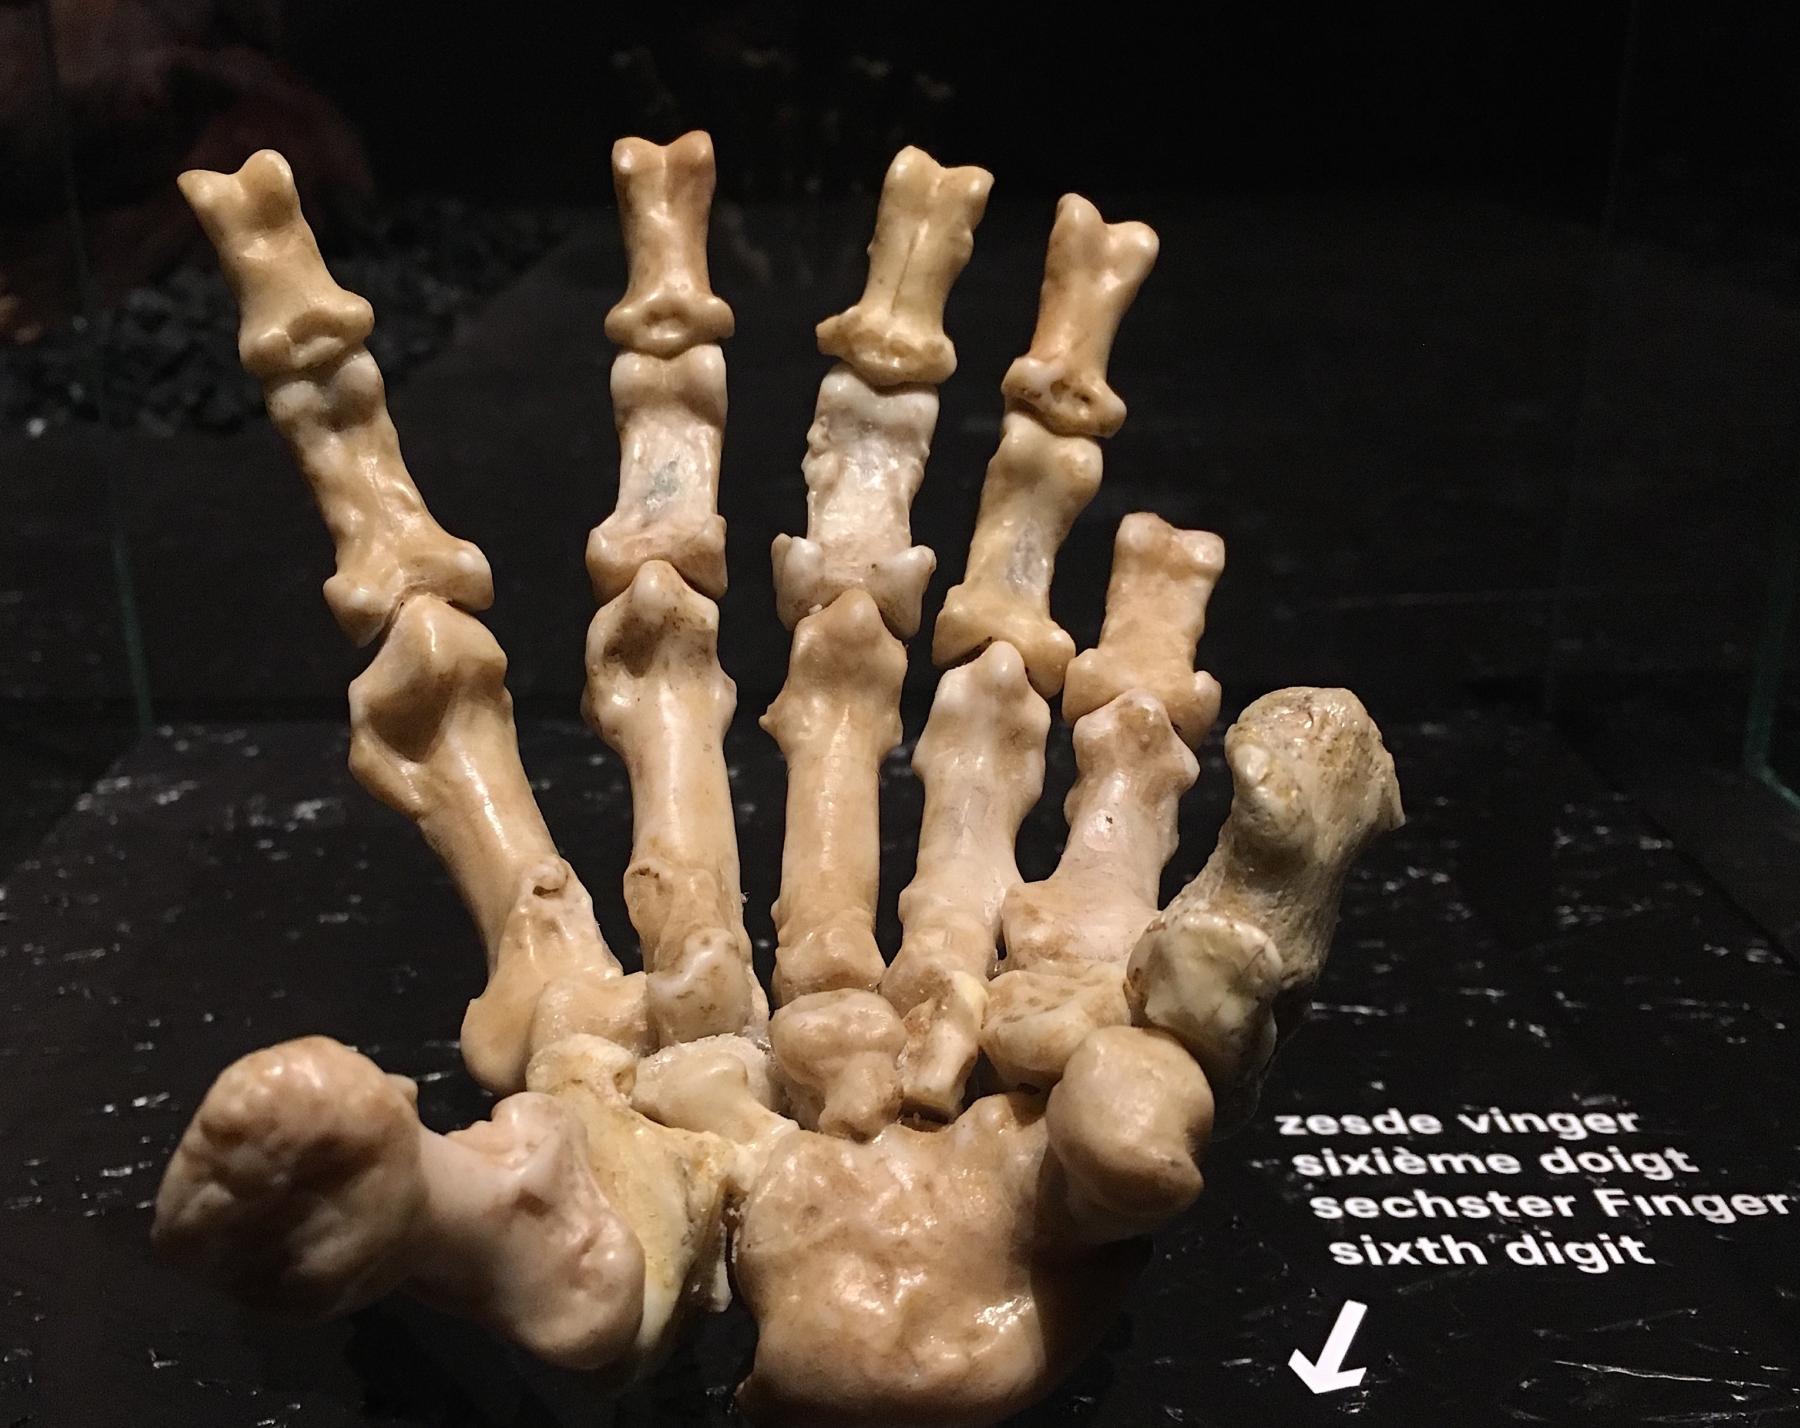 Pourquoi six doigts? La réponse est dans l'expo.